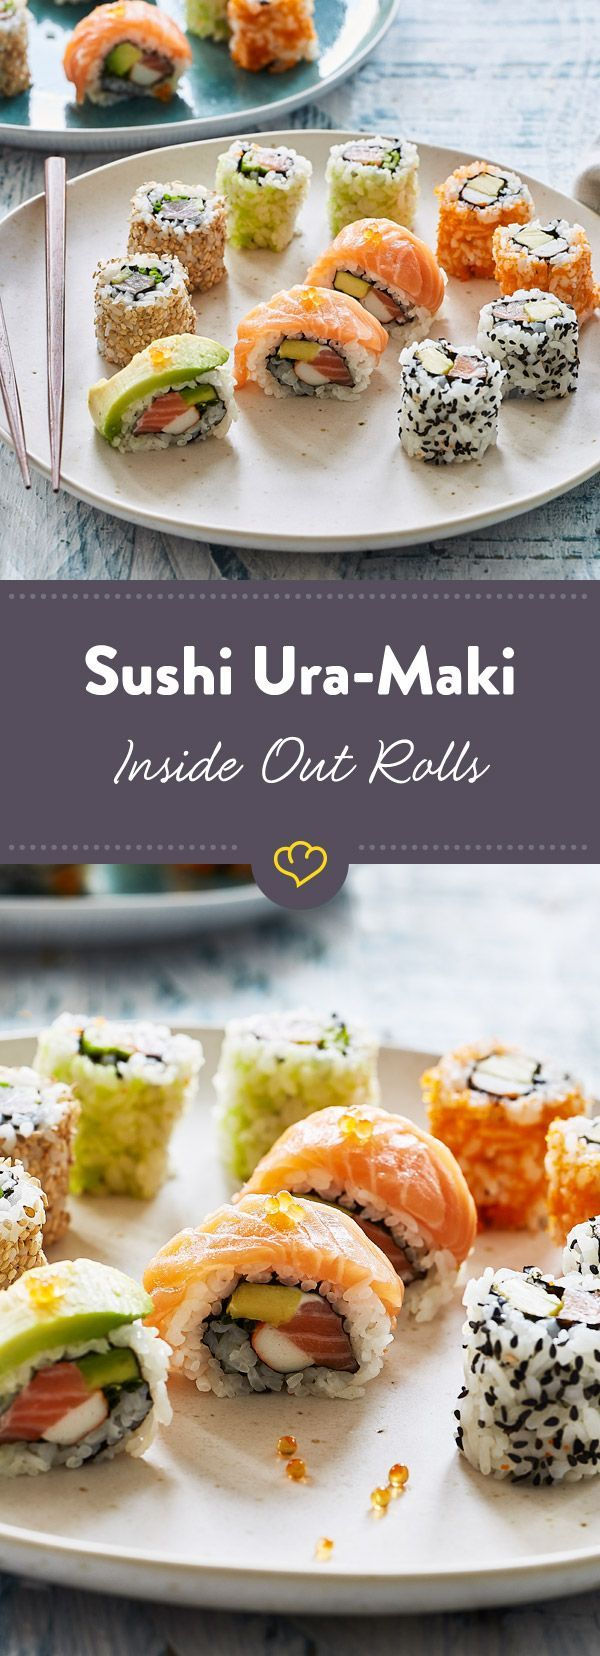 Sushi Inside Out macht einiges her. Der Trend aus …